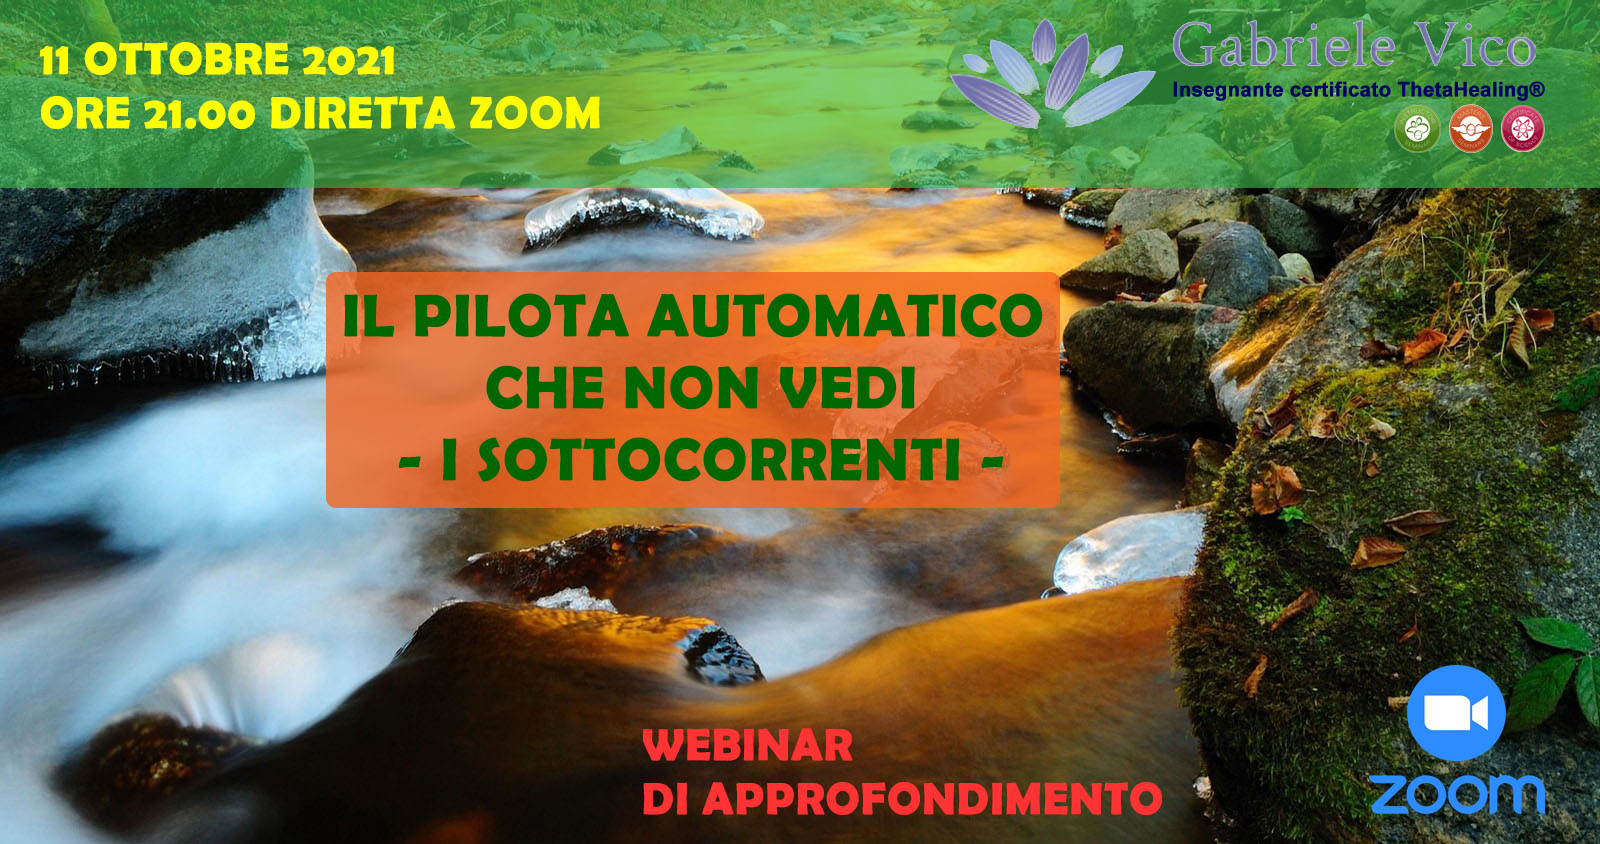 SOTTOCORRENTI www.gabrielevico.com